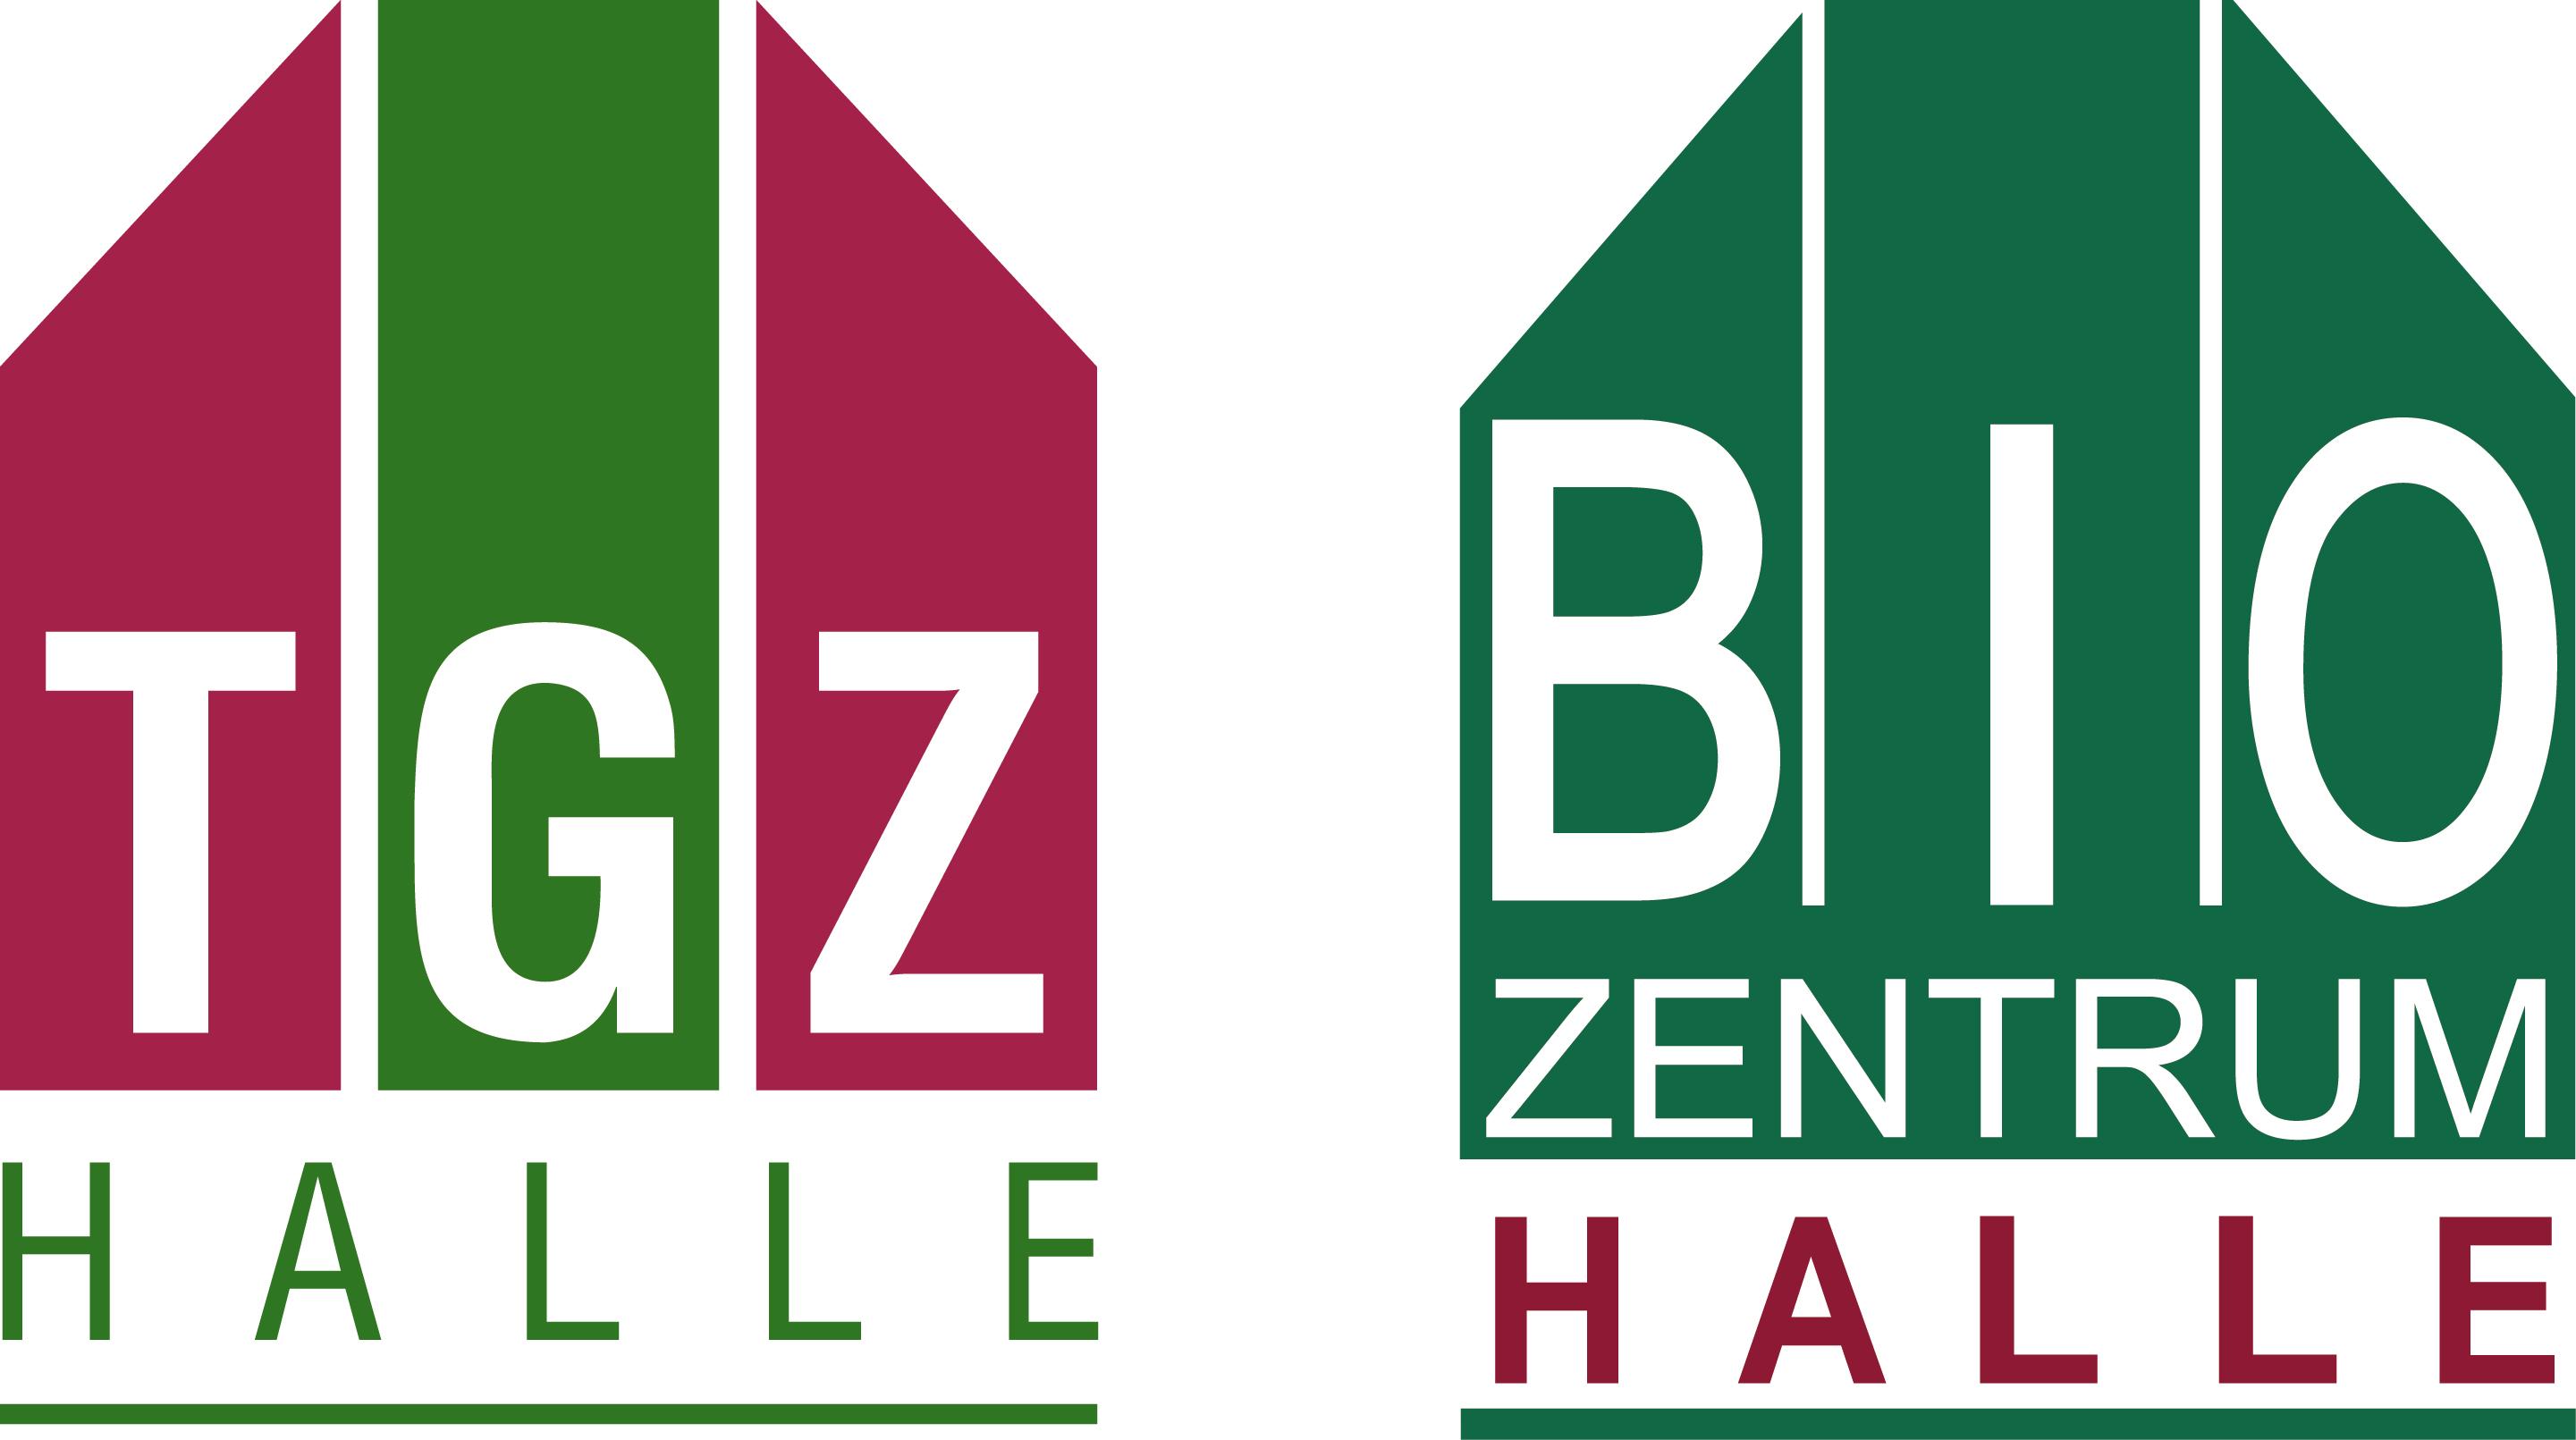 Technologie- und Gründerzentrum Halle GmbH und Bio-Zentrum Halle GmbH